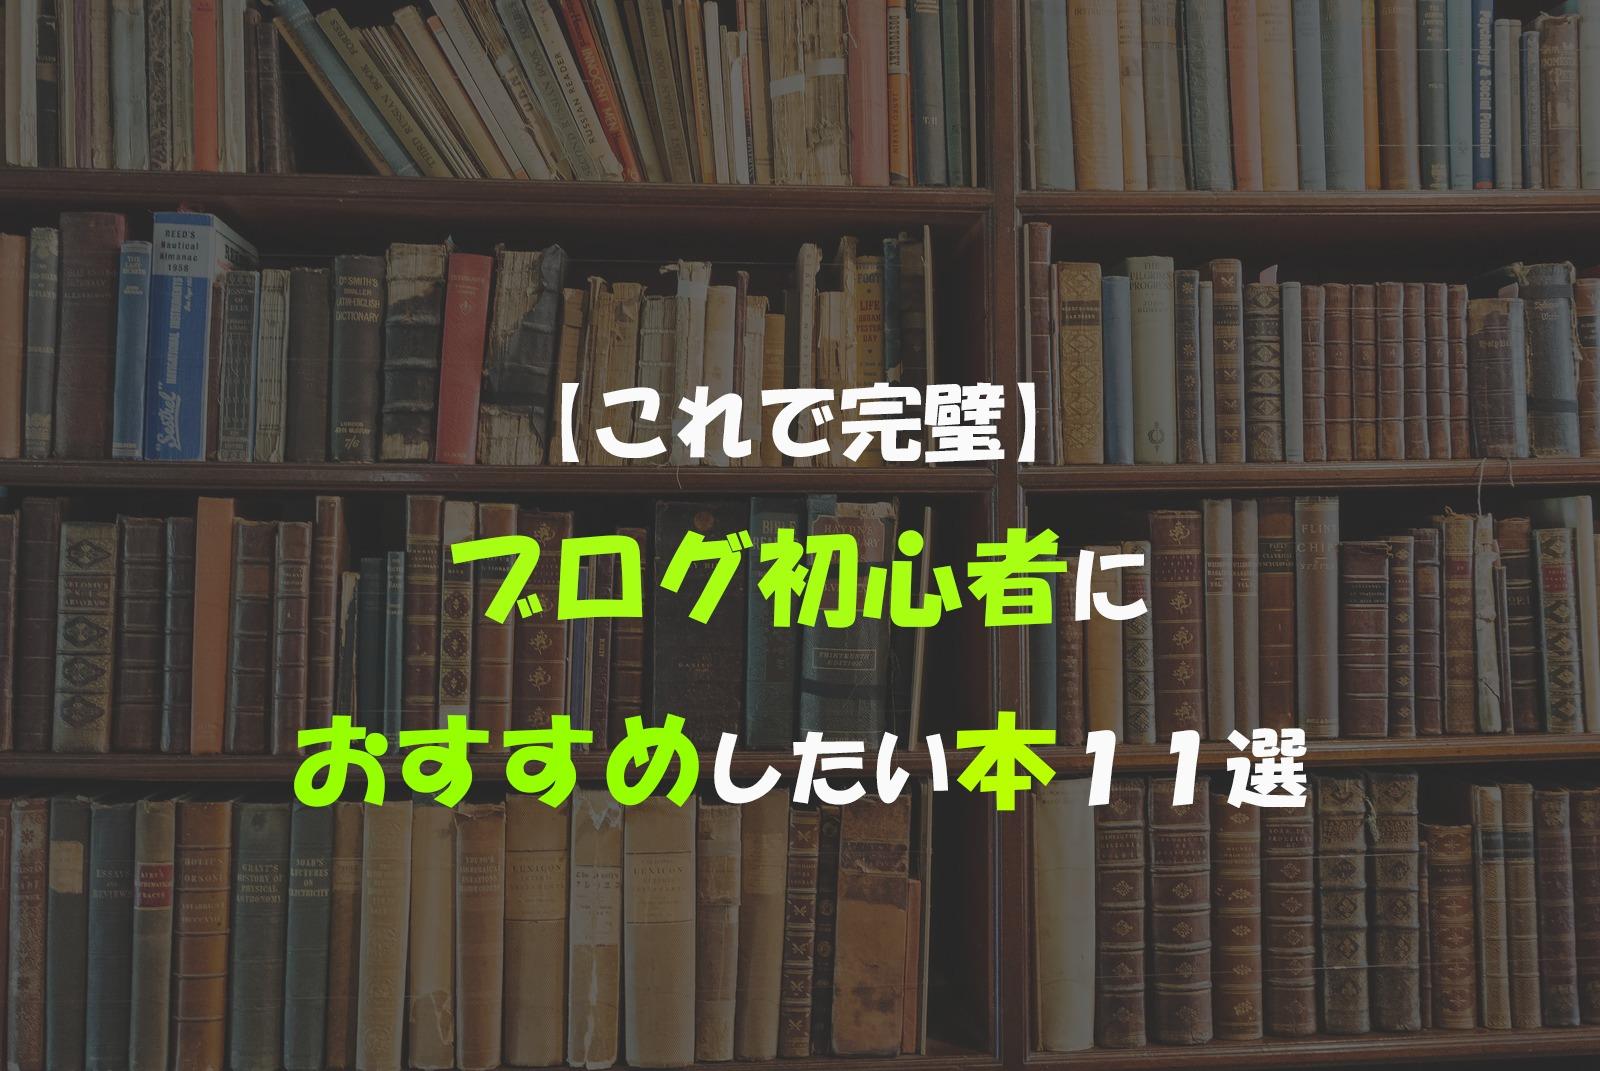 【これで完璧】ブログ初心者におすすめしたい本11選